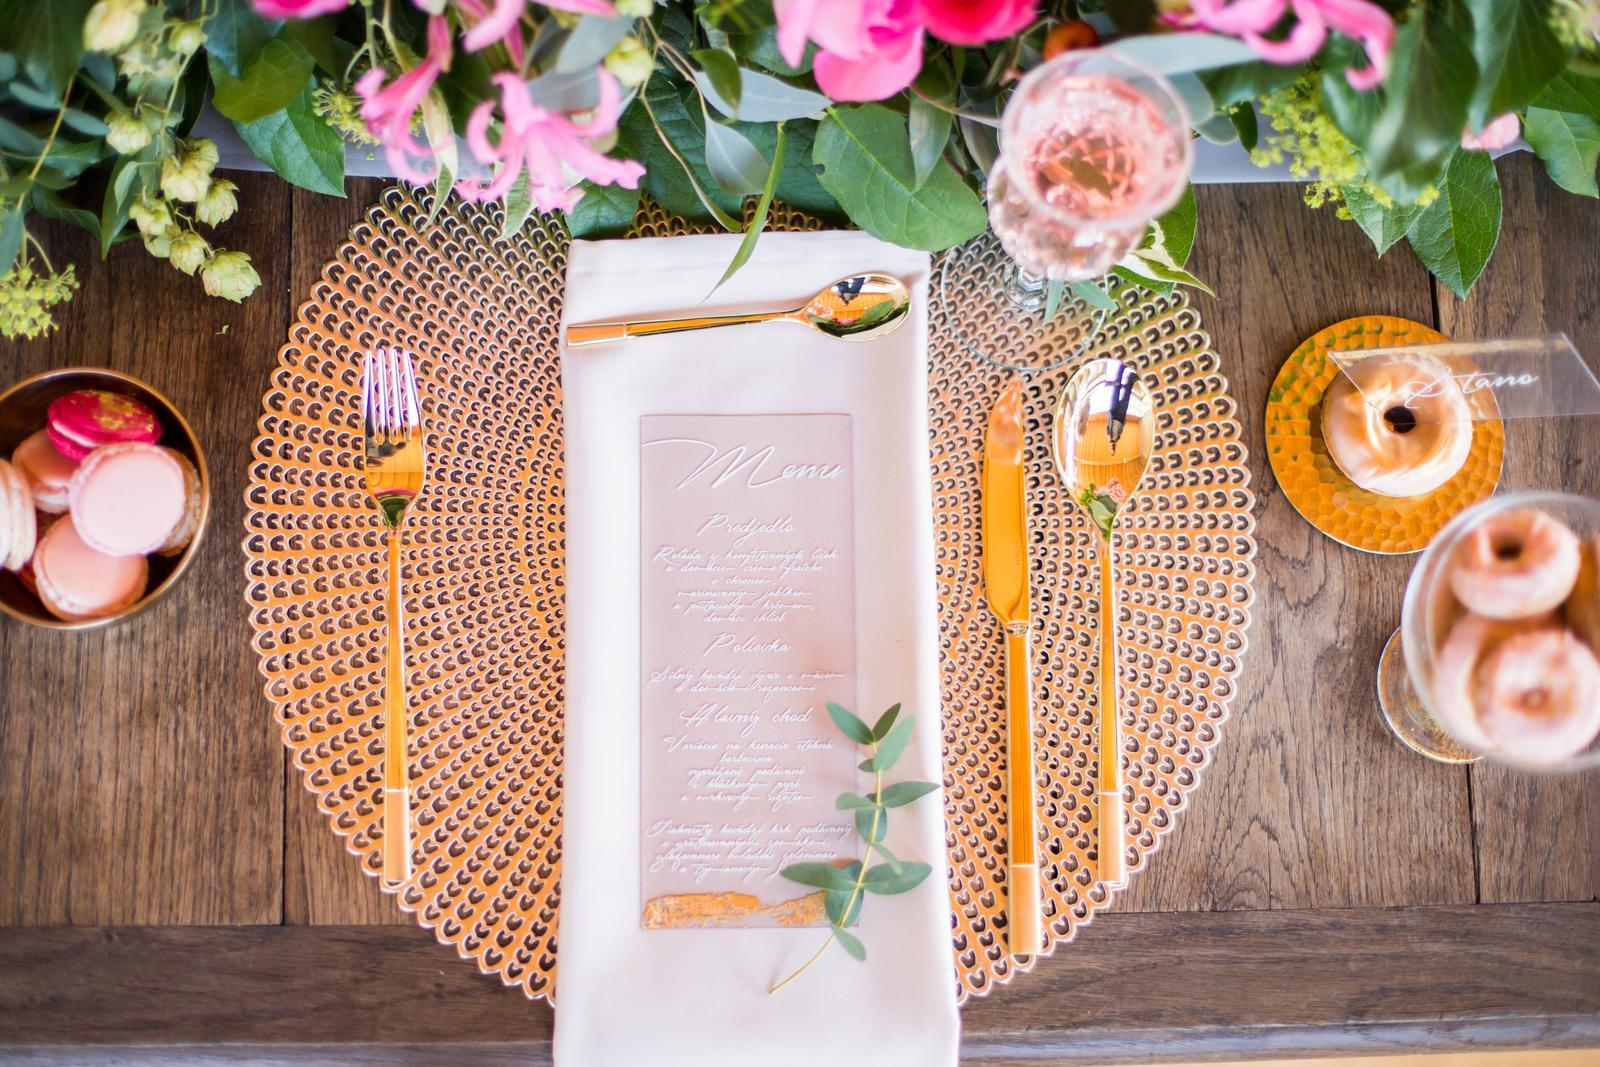 Originálne svadobné tlačoviny na transparentnom plaste doplnené plátkovým zlatom - Obrázok č. 6